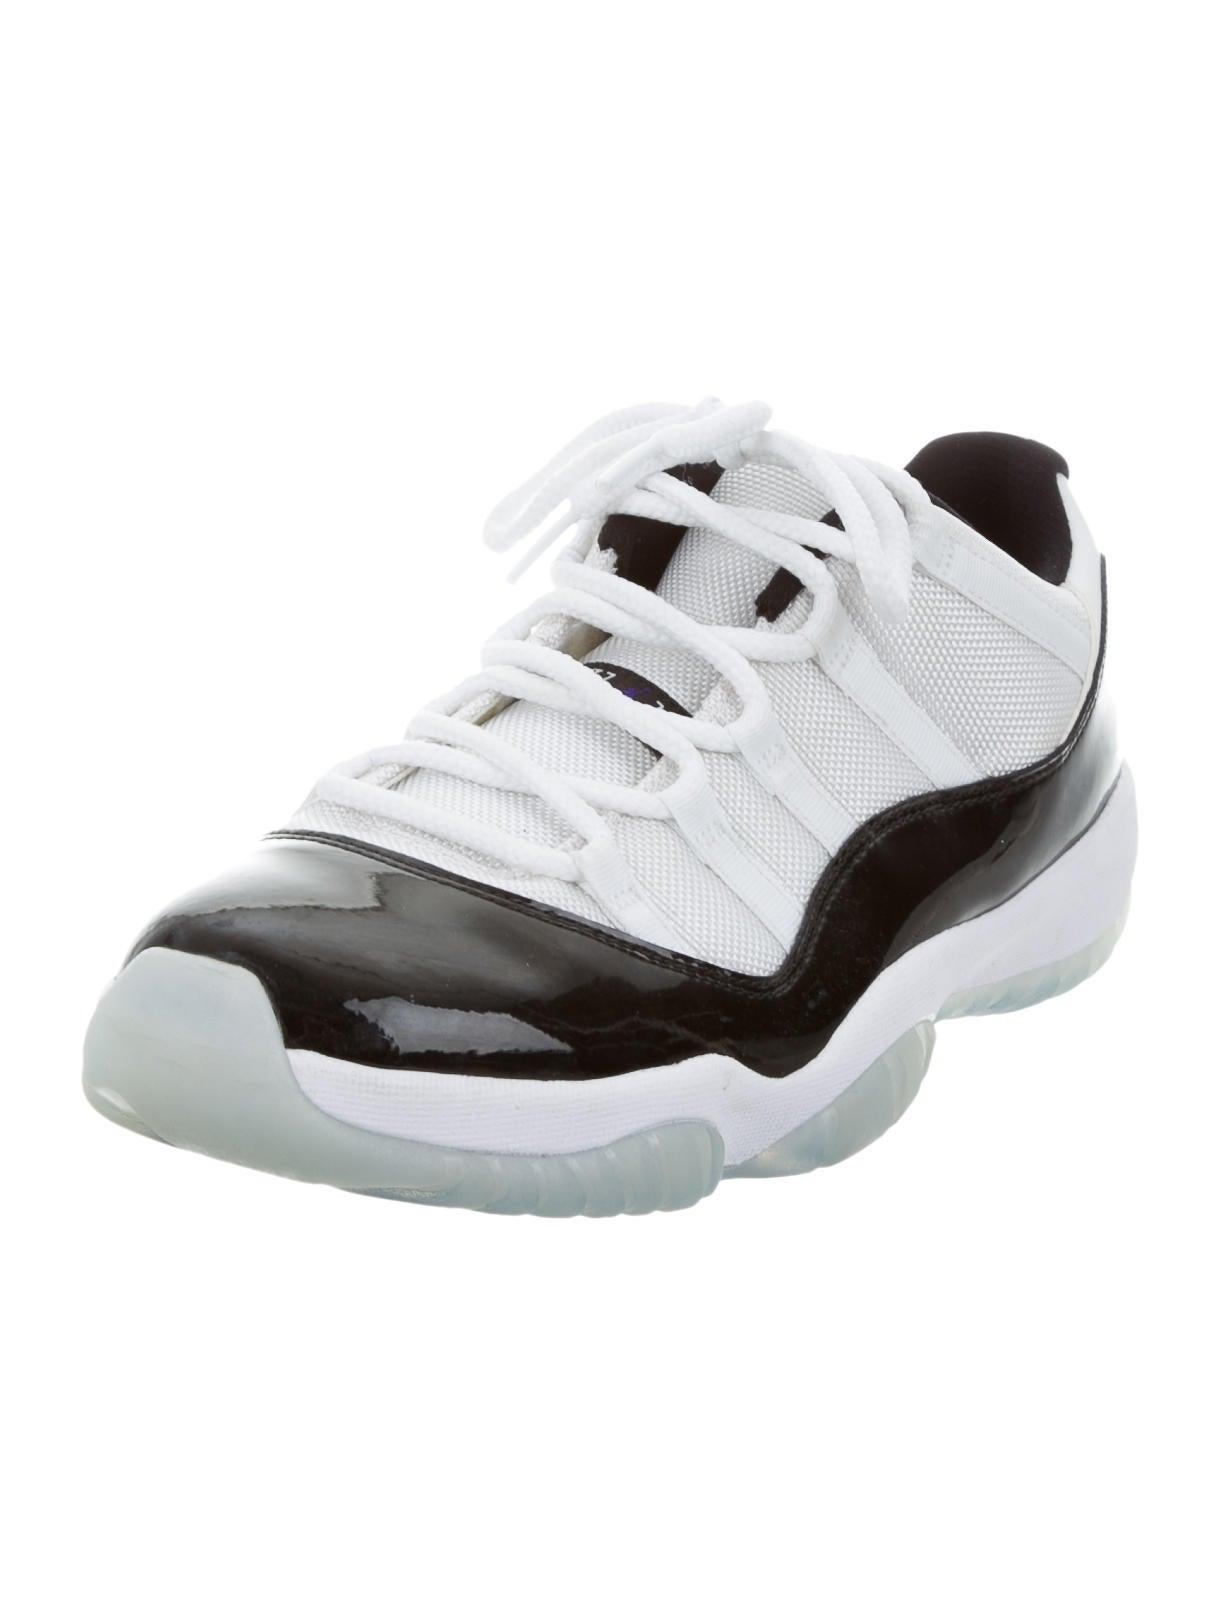 ade181d5b0d5 purchase air jordan 13 white black sportscene c0480 7f450